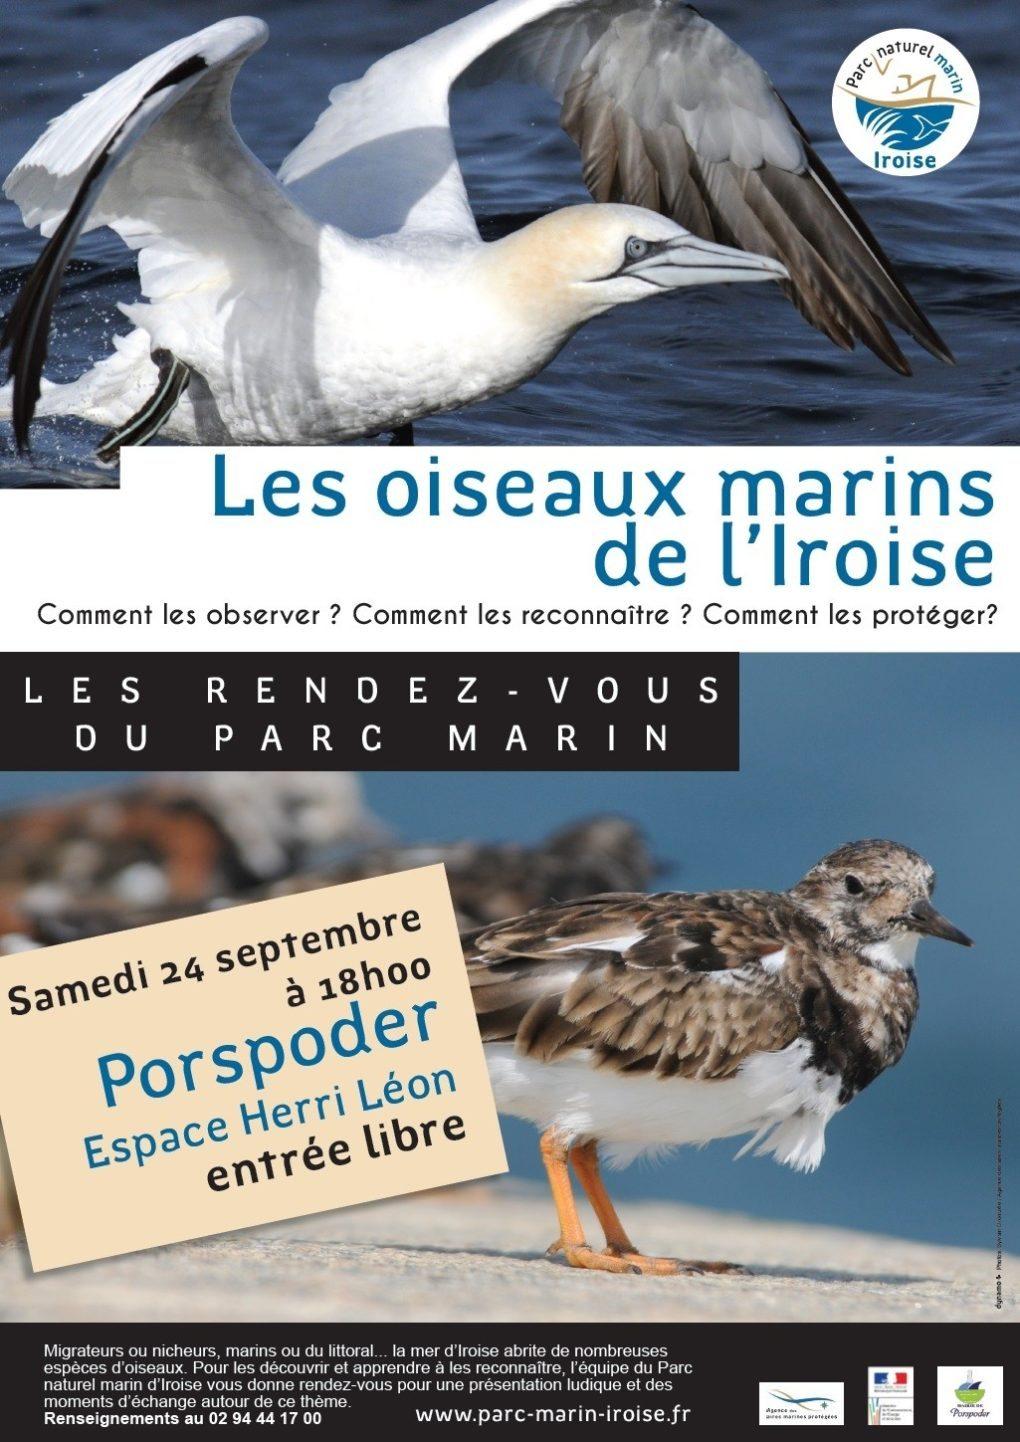 Les oiseaux marins de l'Iroise Porspoder